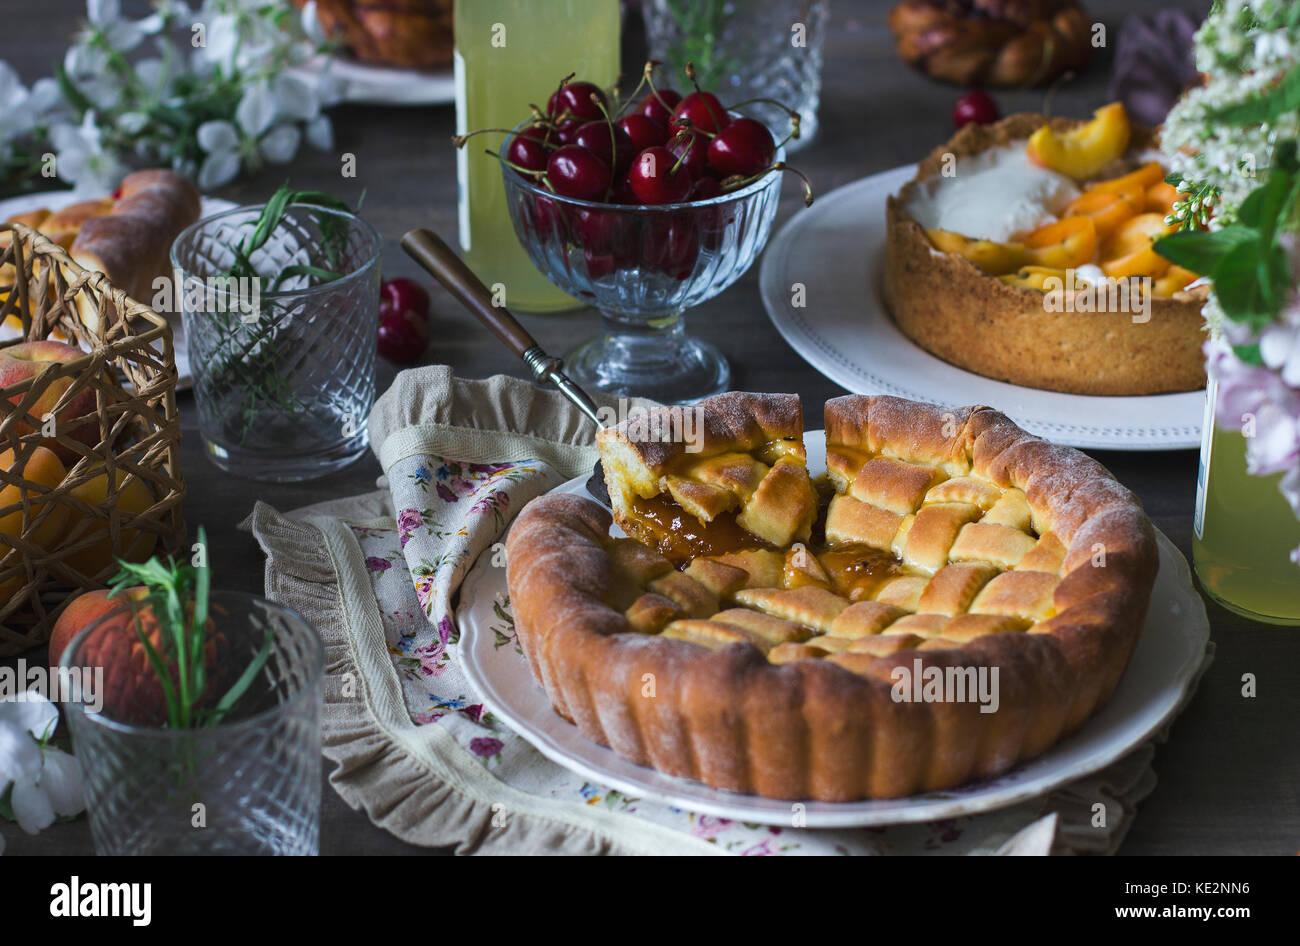 Hausgemachte Kuchen, Gebäck und Speisen auf dem festlichen Tisch Stockbild